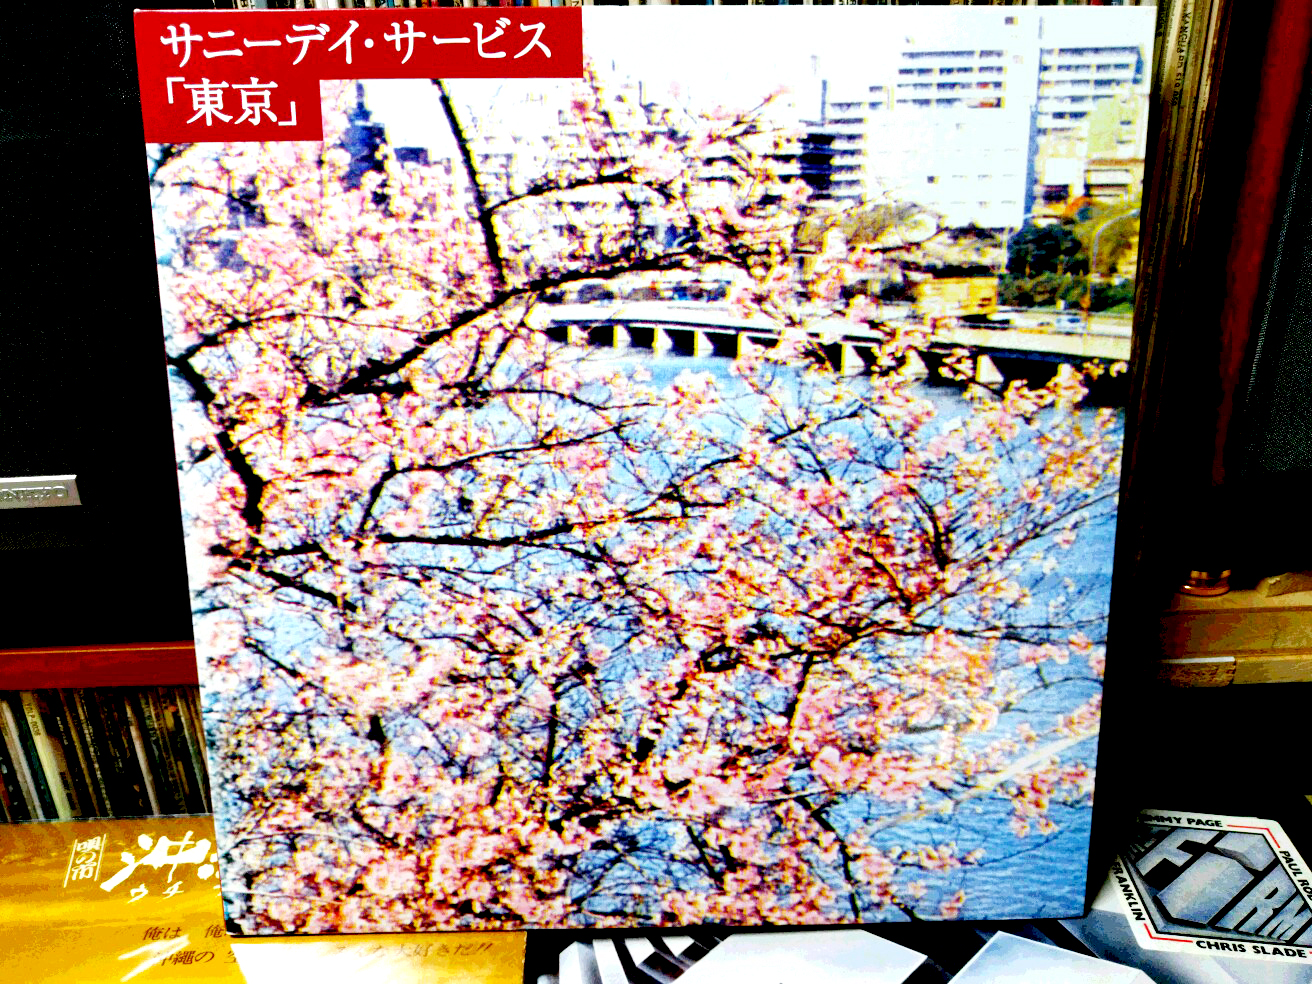 90年代のはっぴいえんど、と謳われたサニーデイ・サービス『東京』[1996年]